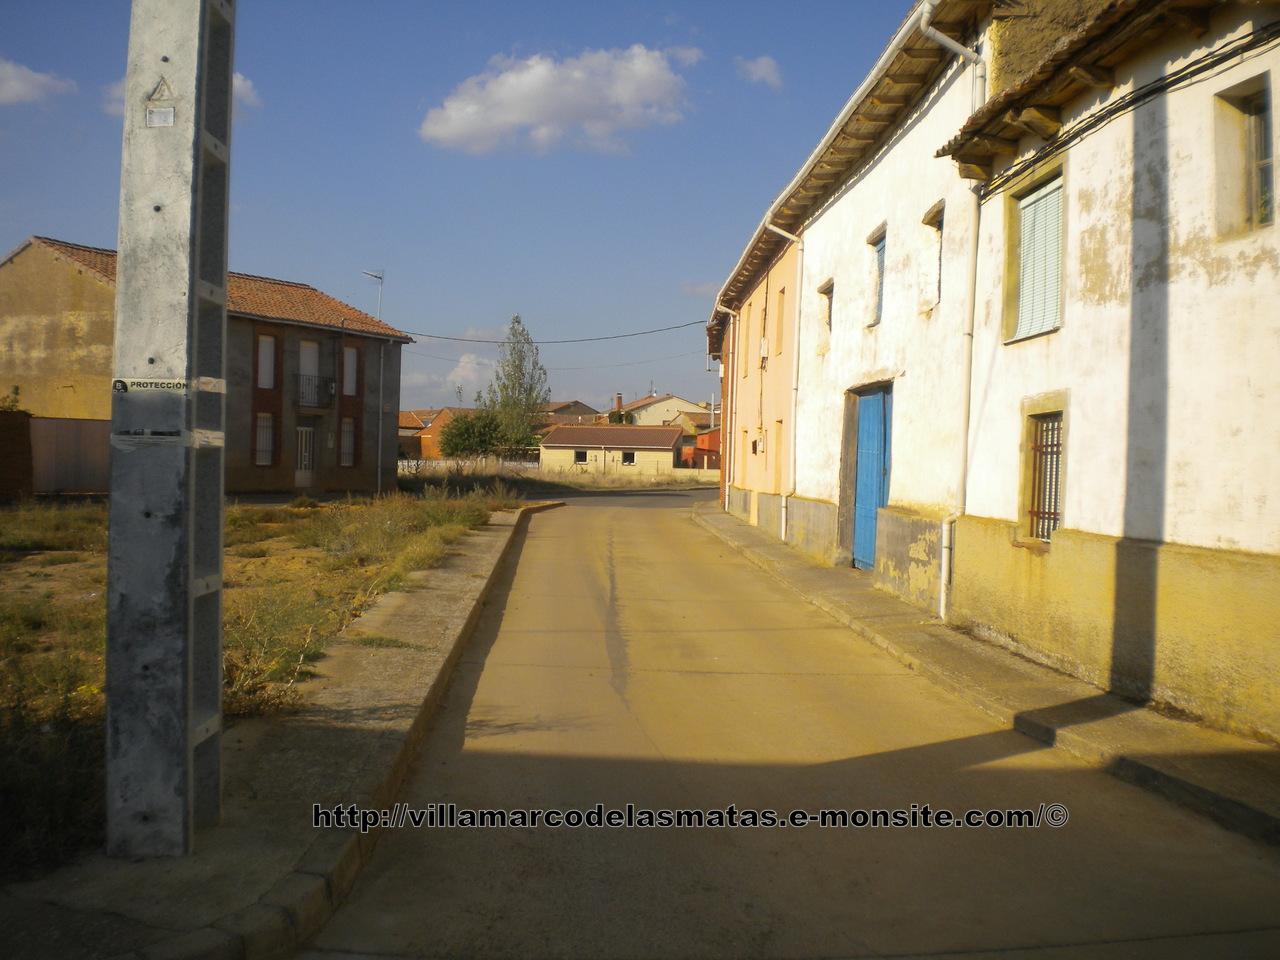 Calle Pozo Villa